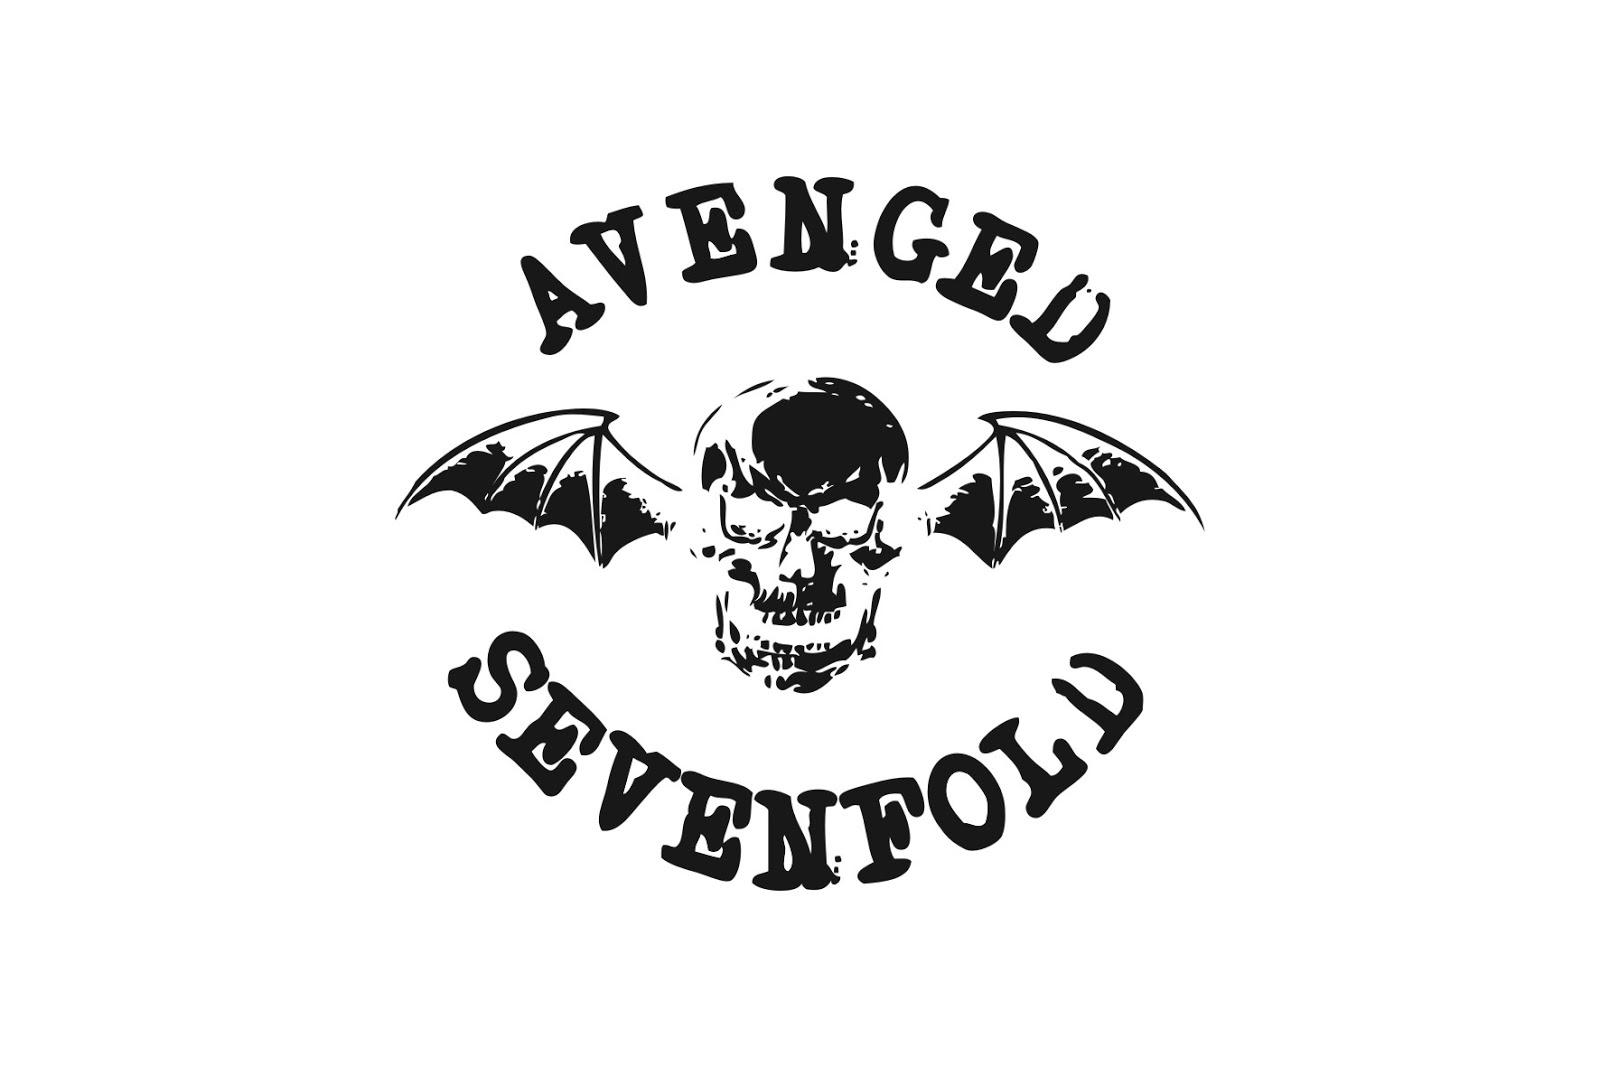 Avenged Sevenfold Logo Wallpaper Full HD 1600x1067